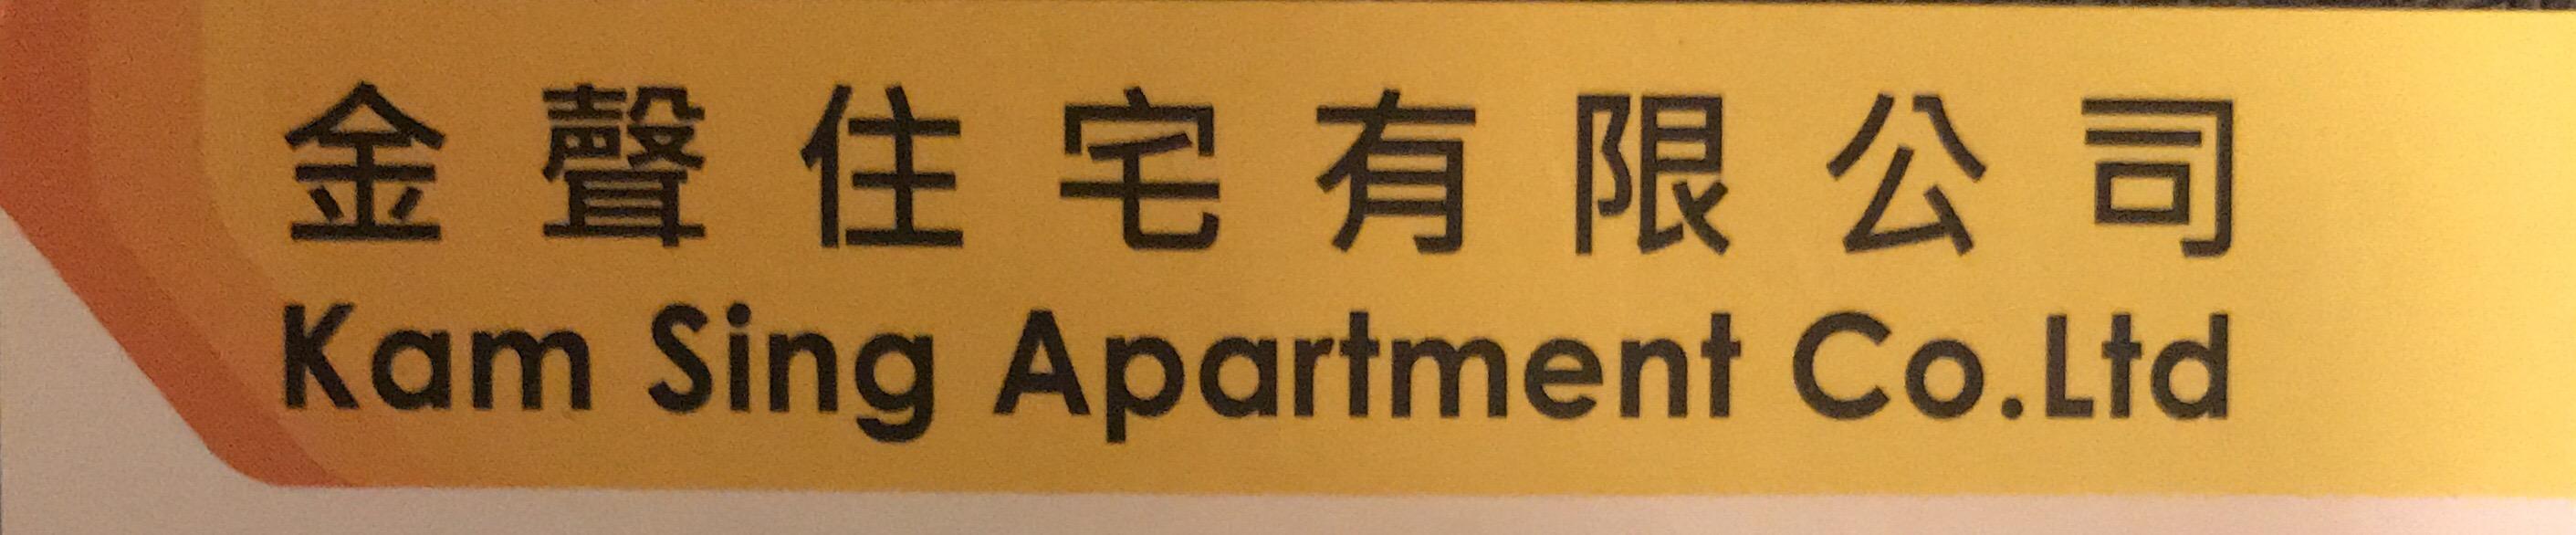 香港地產代理 Estate Agent : 金聲住宅 @青年創業軍